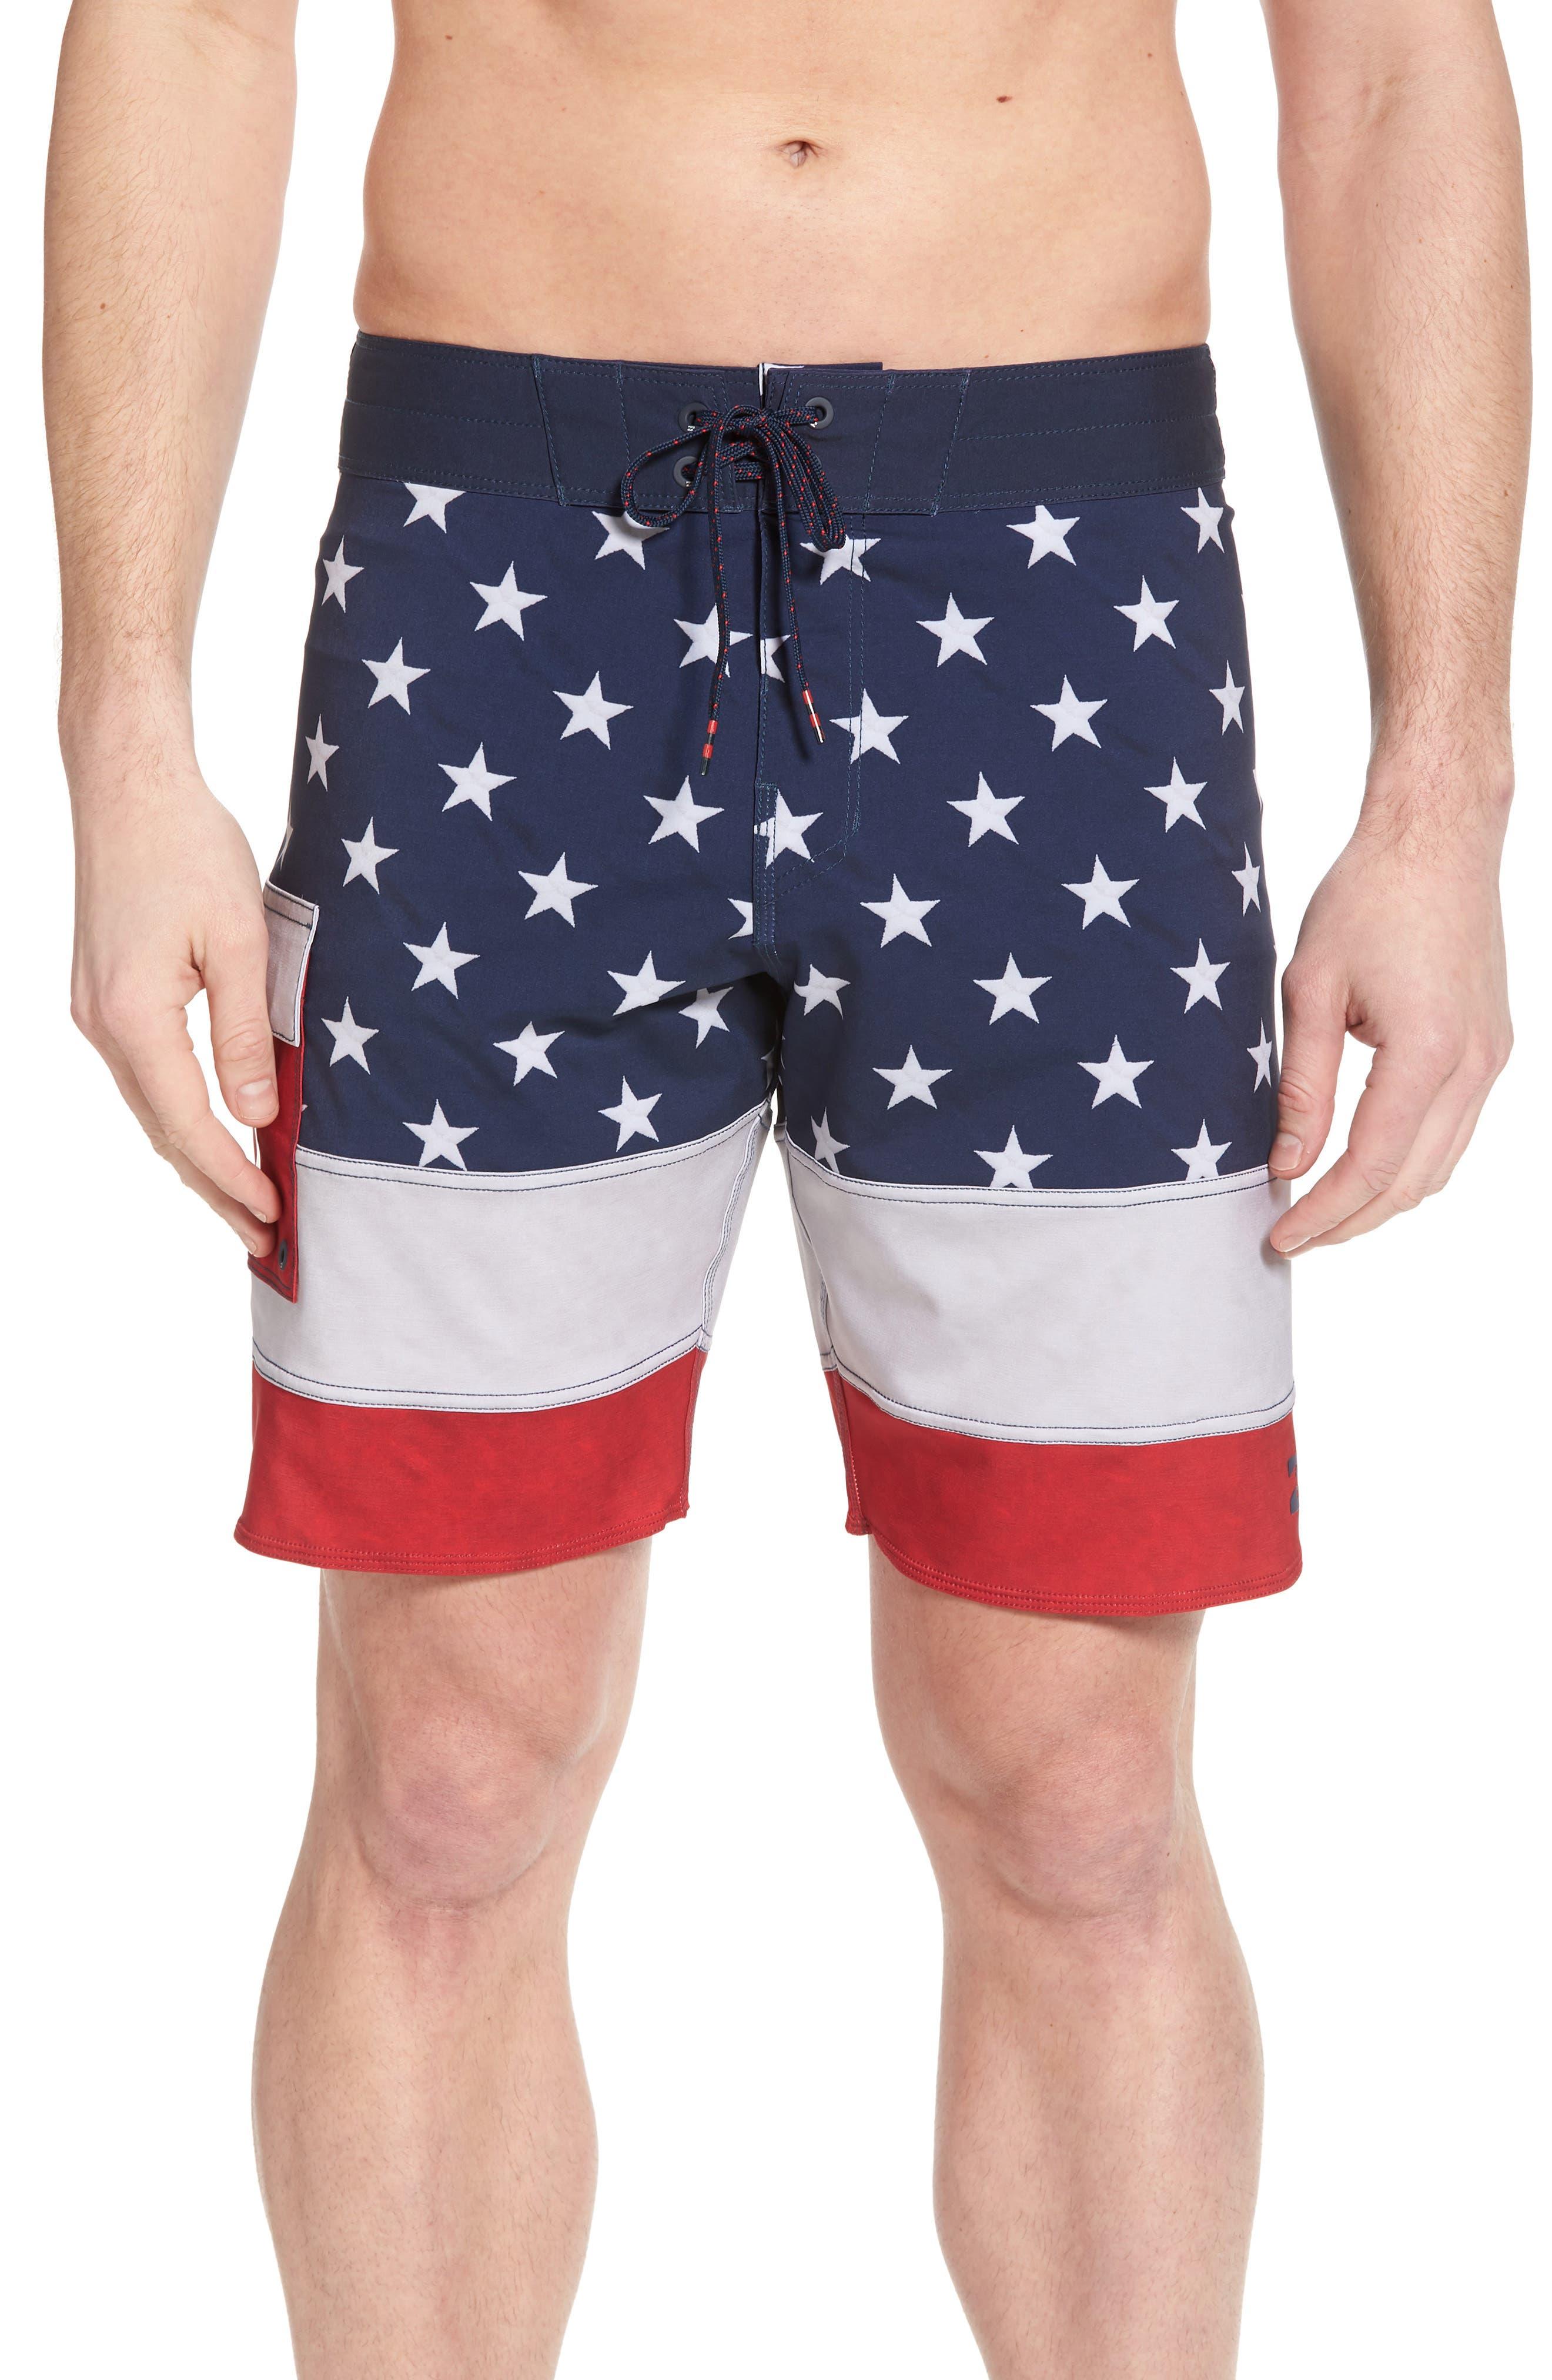 Pump X Board Shorts,                             Main thumbnail 1, color,                             Navy